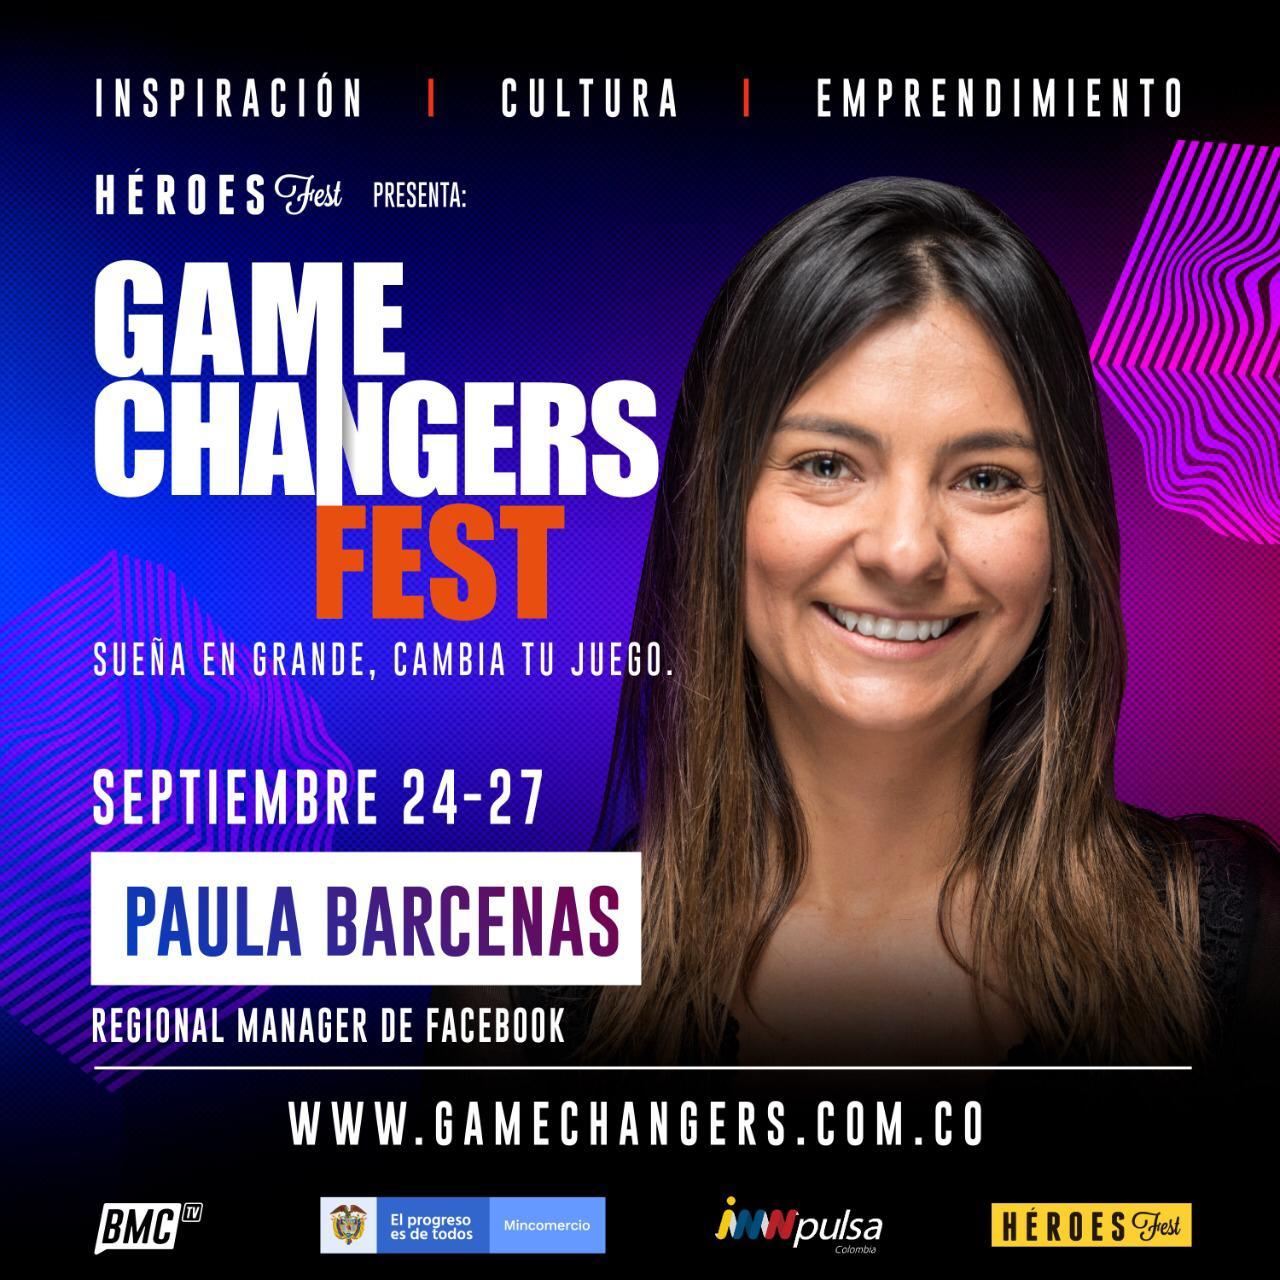 Llega a Colombia el evento de inspiración, cultura y emprendimiento más importante del continente.